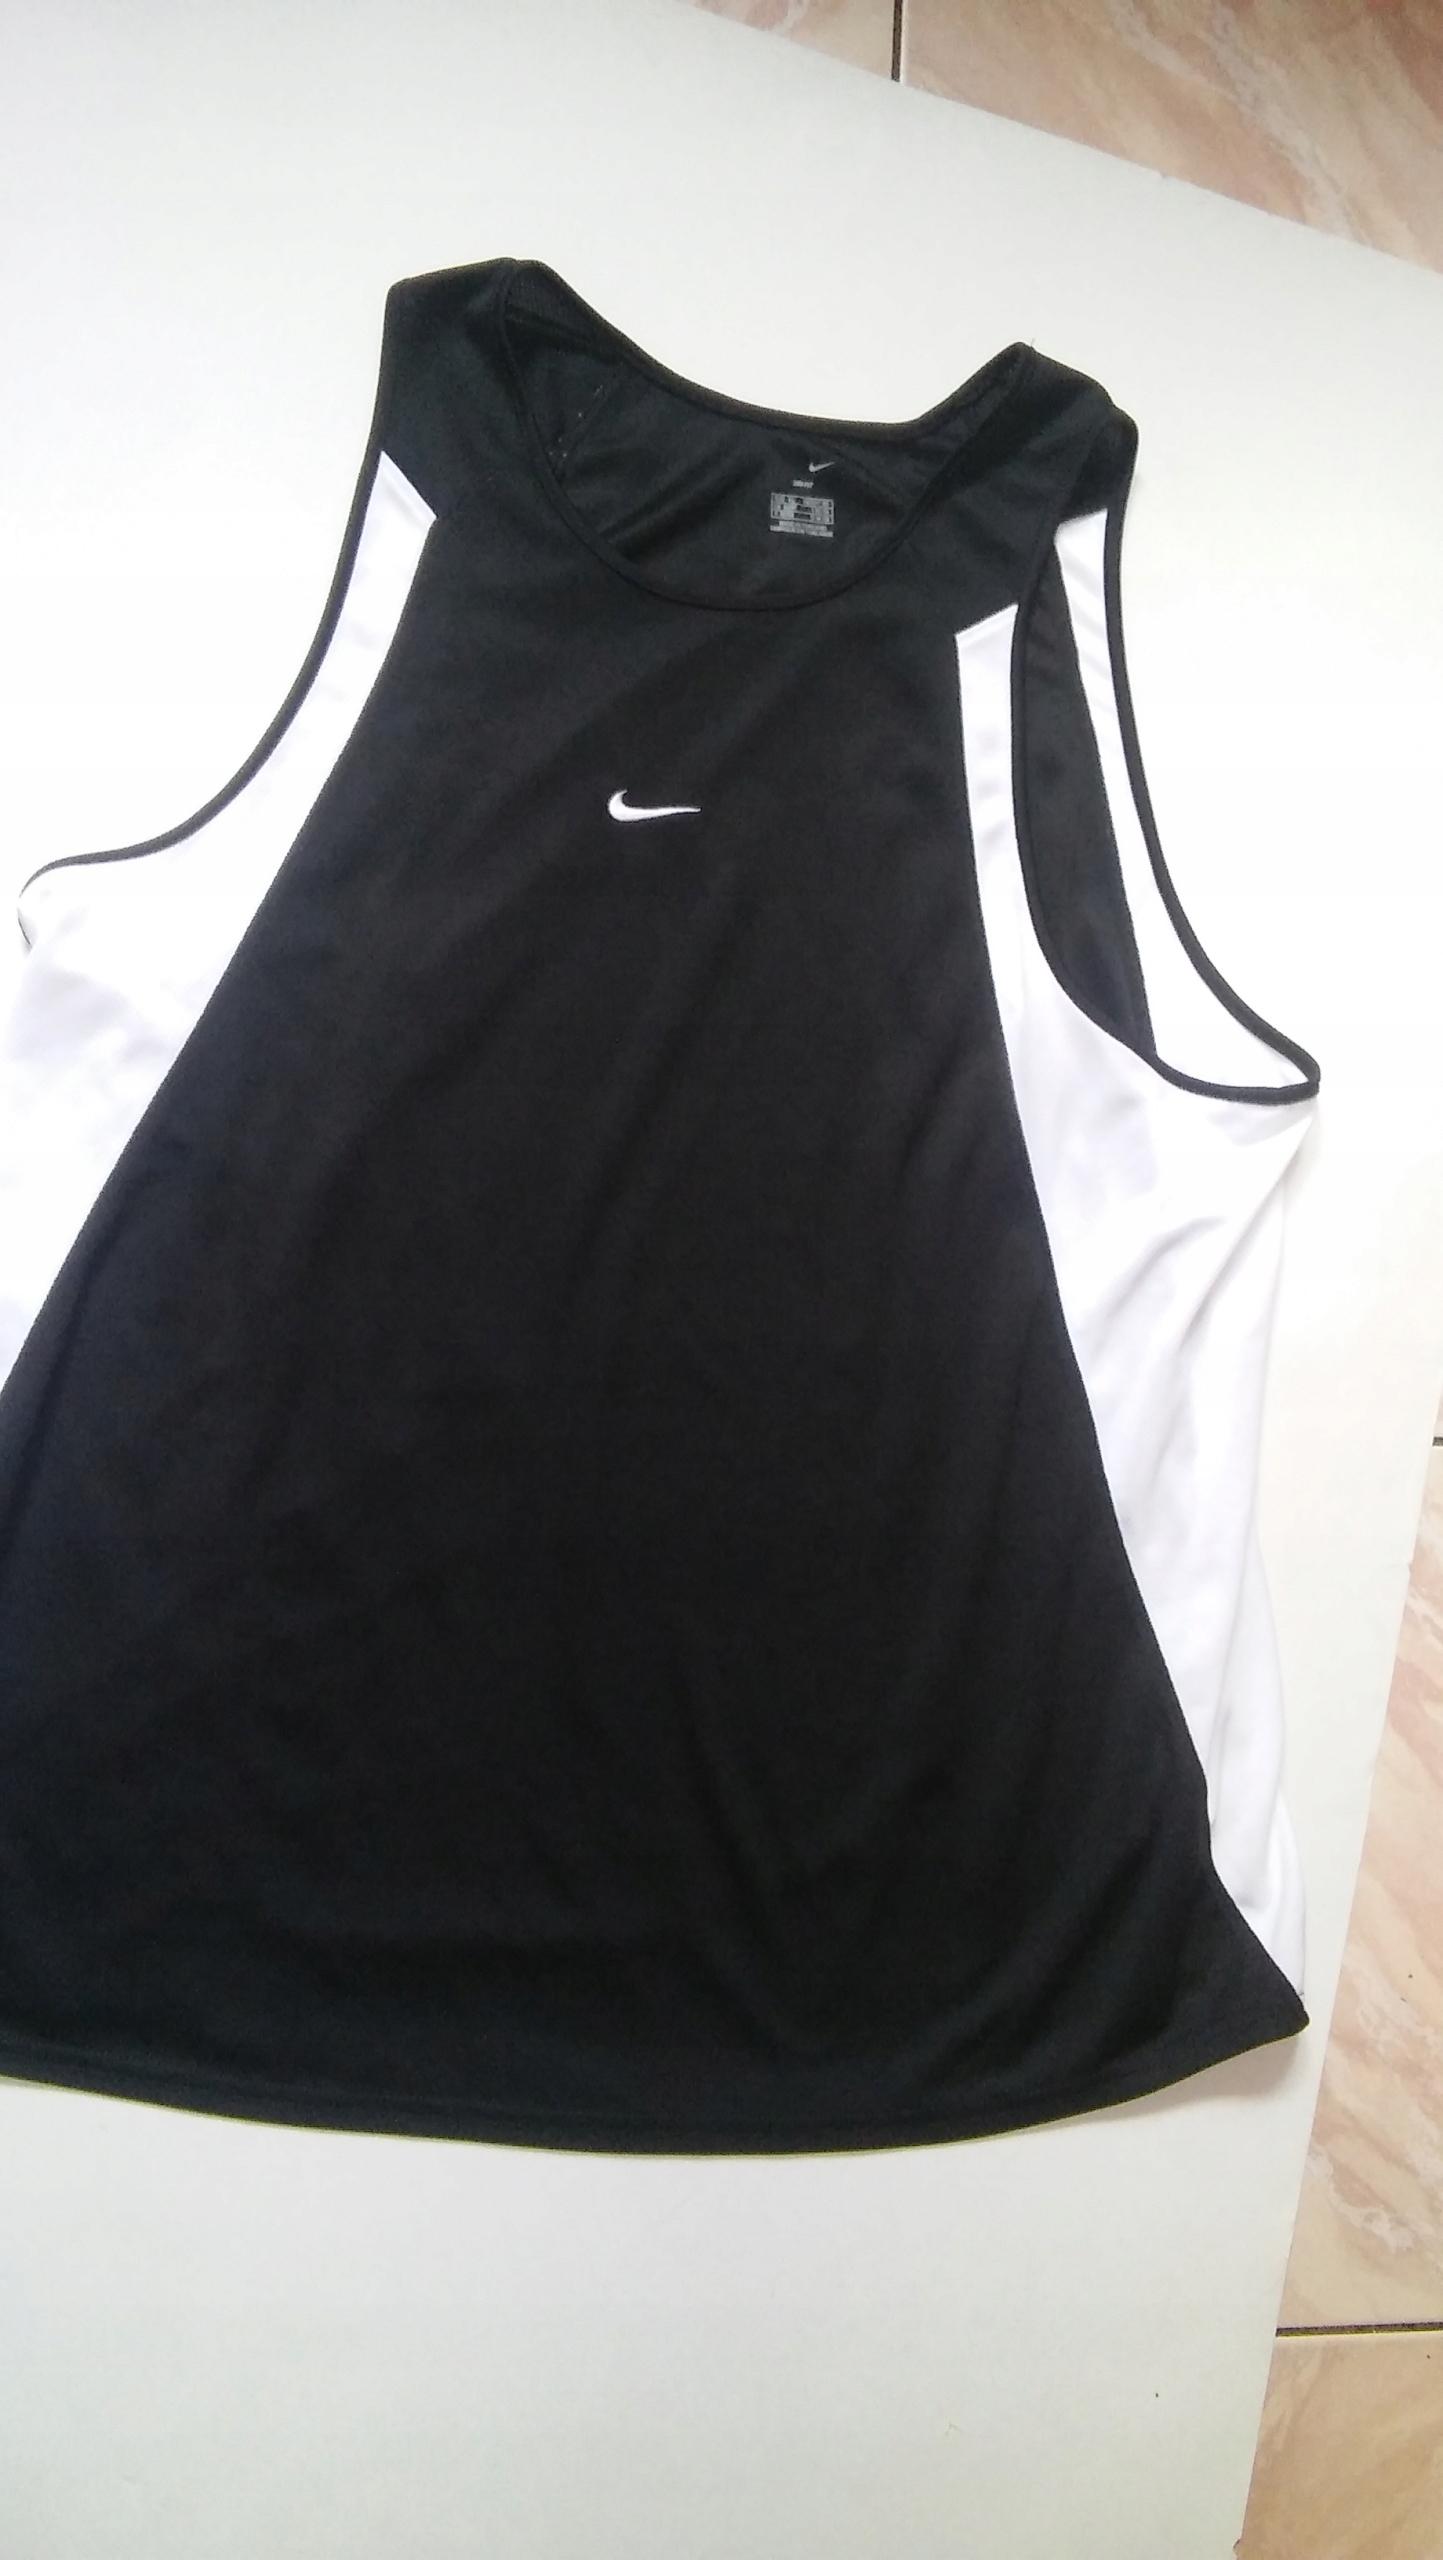 Nike Dri Fit koszulka sportowa rozm XL ramiączka